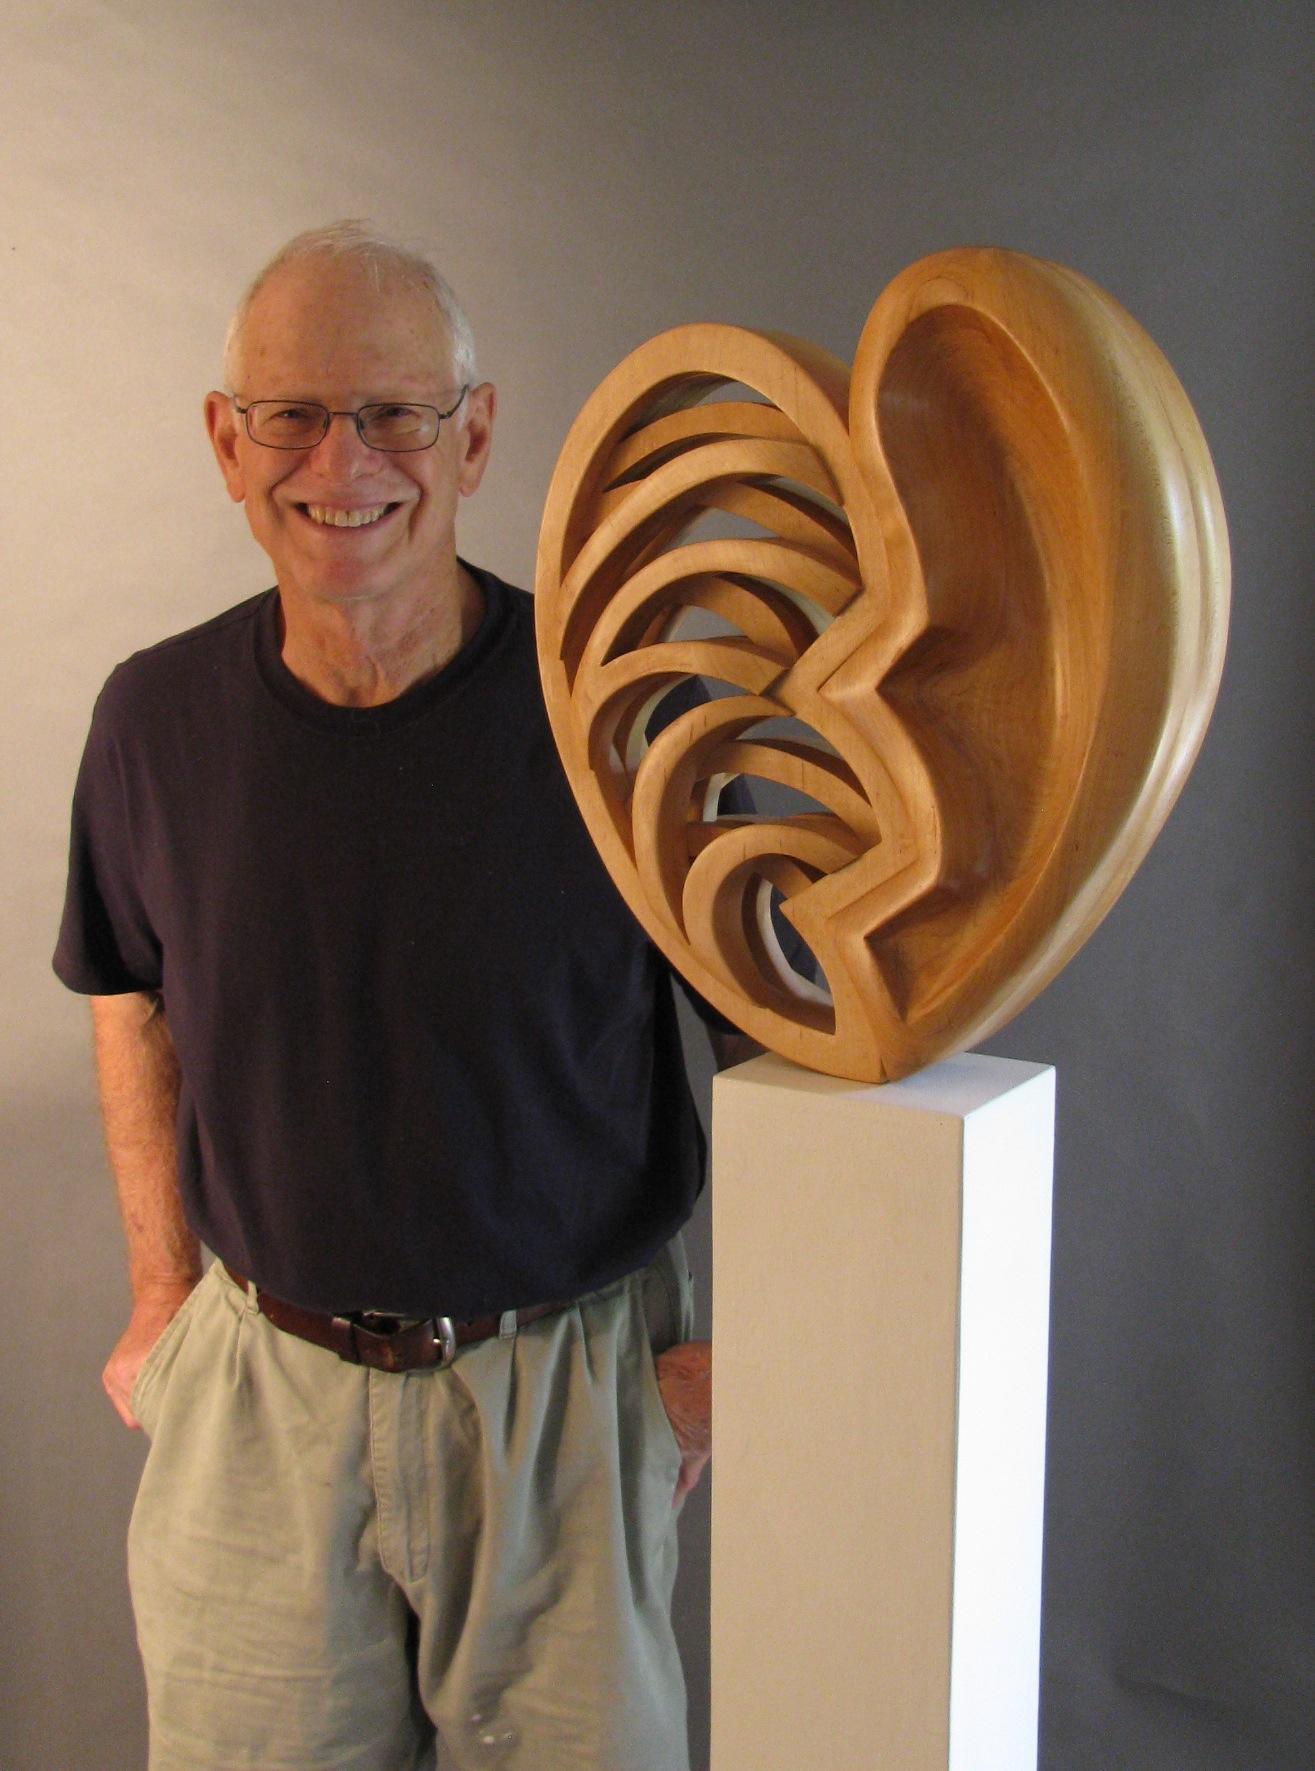 Carl & Heart Form.jpg